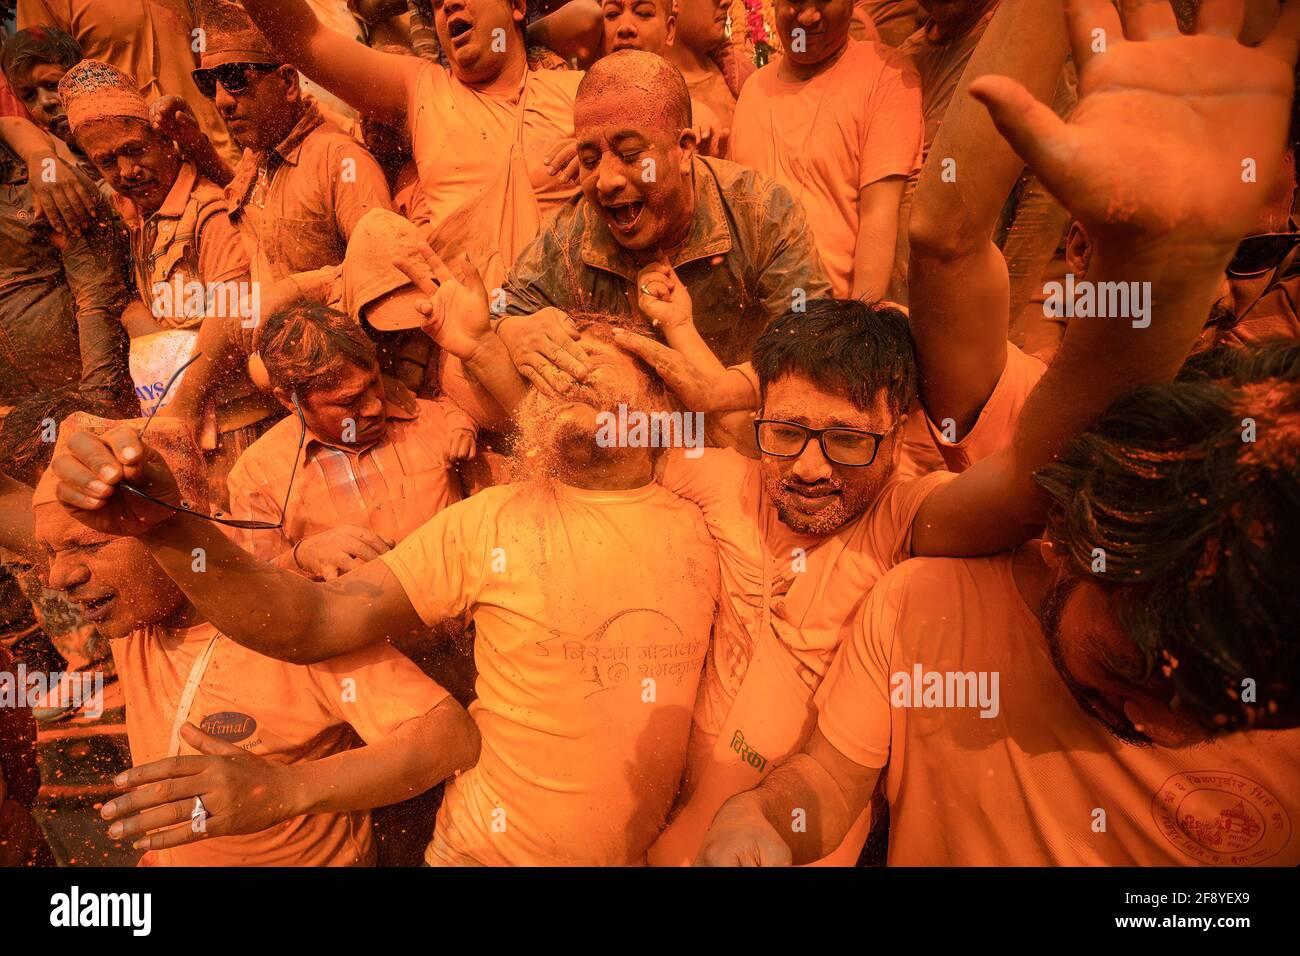 Bhaktapur, Nepal. 15 Aprile 2021. I devoti giocano con polvere di vermiglio mentre celebrano il festival della polvere di vermillion di Jatra. I rivelatori portarono carri degli dei e delle dea indù e si gettarono vermilioni di polvere l'uno sull'altro come parte delle celebrazioni che iniziarono il nuovo anno nepalese. Credit: SOPA Images Limited/Alamy Live News Foto Stock